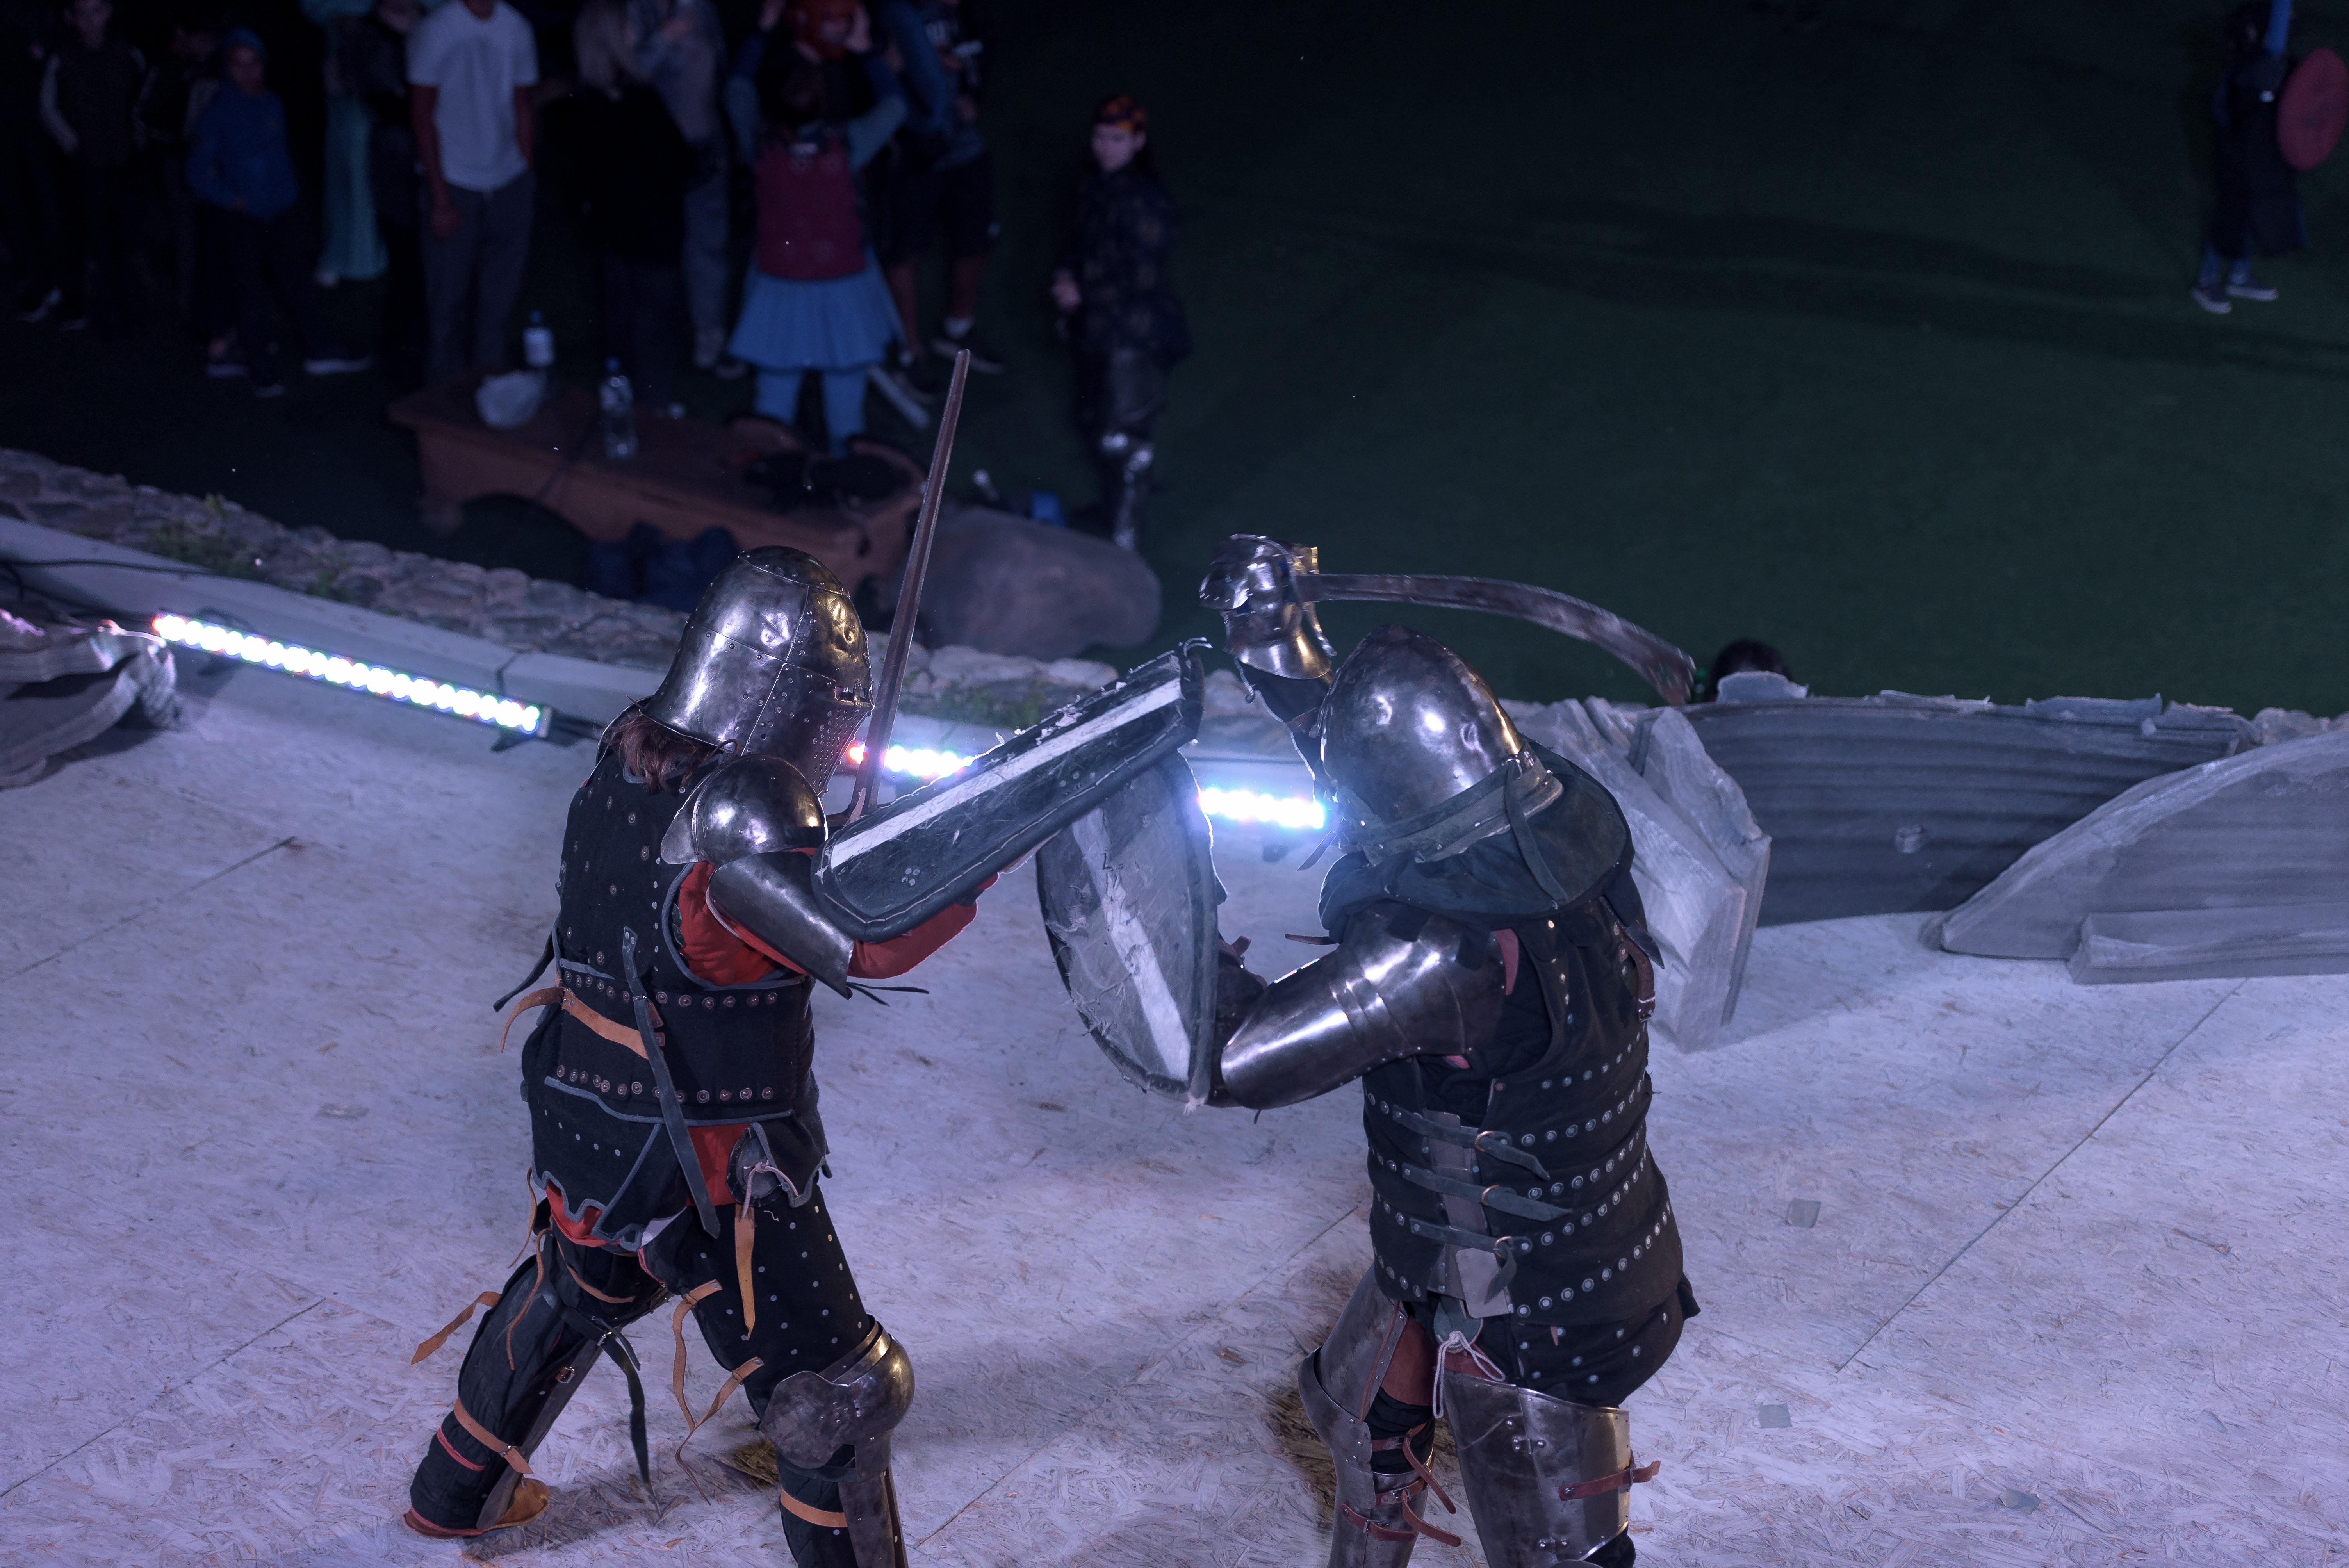 В парке «Театральный» состоялась реконструкция Невской битвы